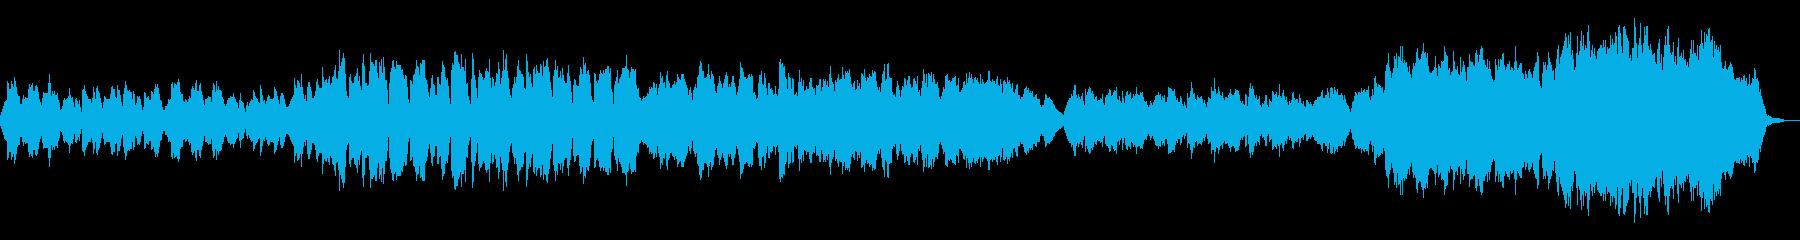 フルートと鍵盤楽器の物悲しい曲の再生済みの波形